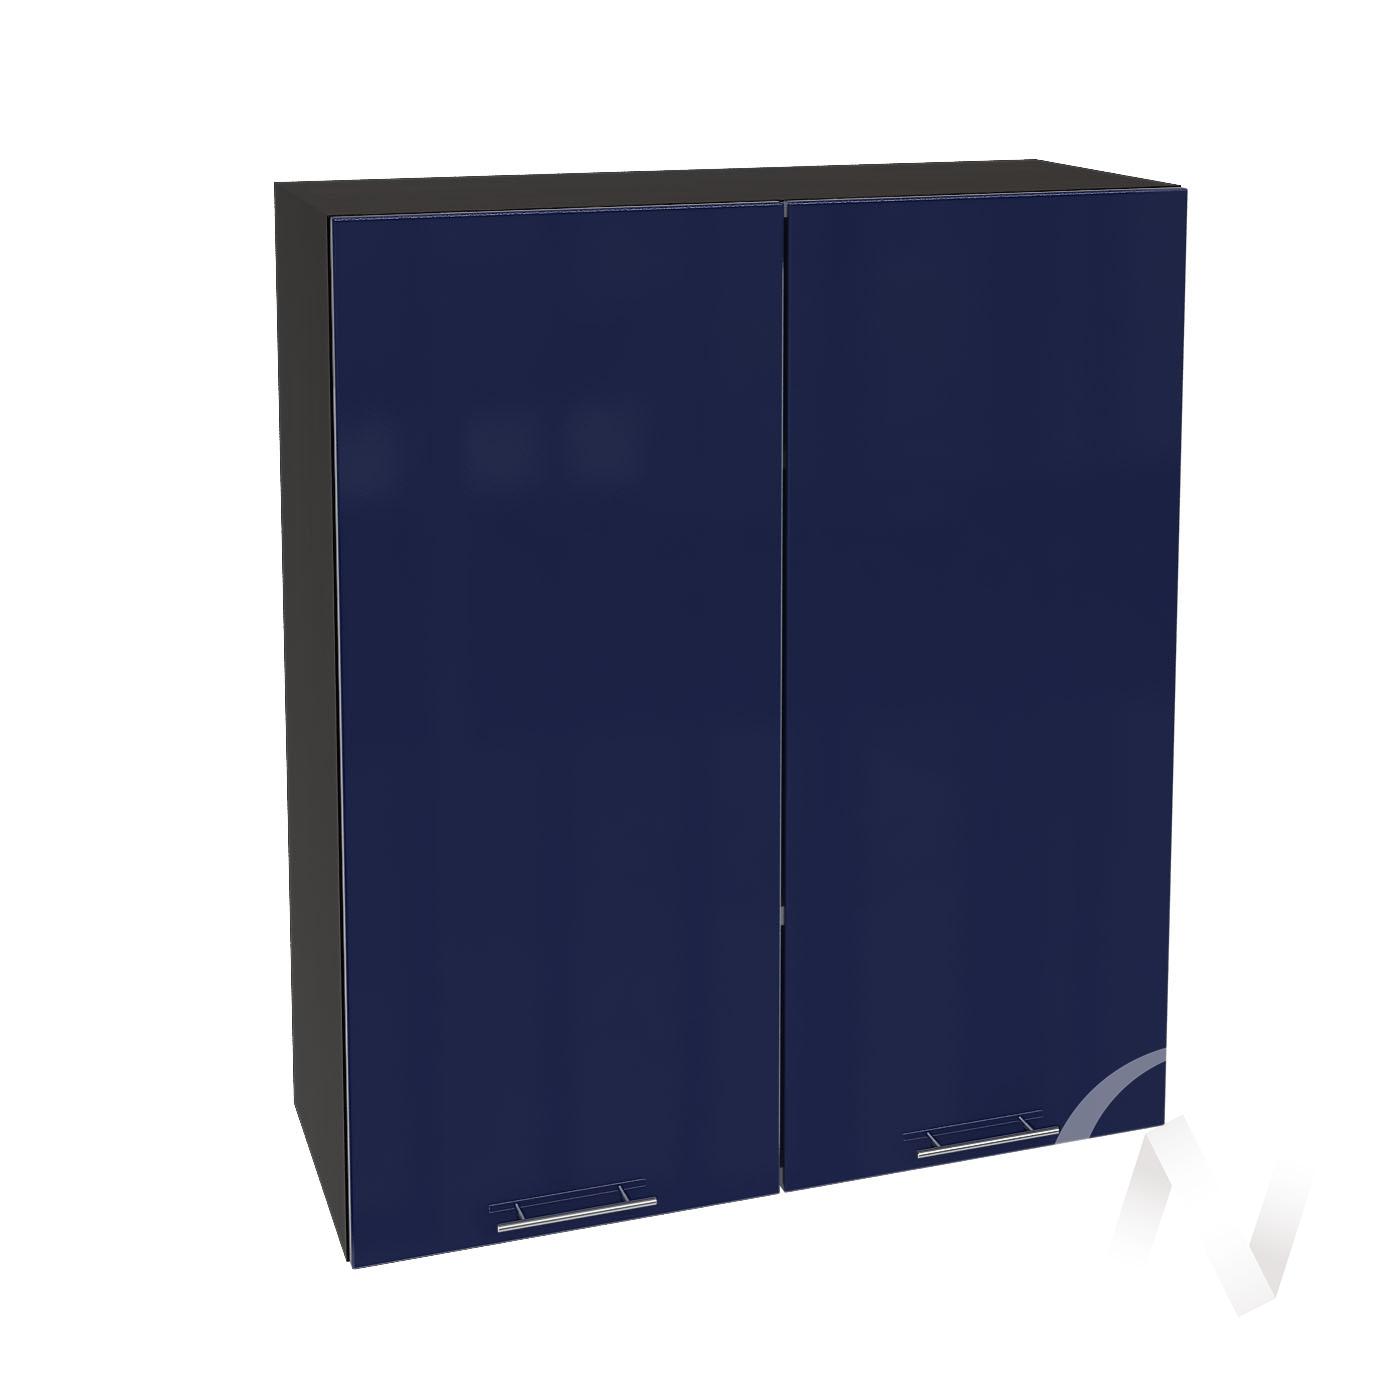 """Кухня """"Валерия-М"""": Шкаф верхний 809, ШВ 809 новый (Синий глянец/корпус венге)"""